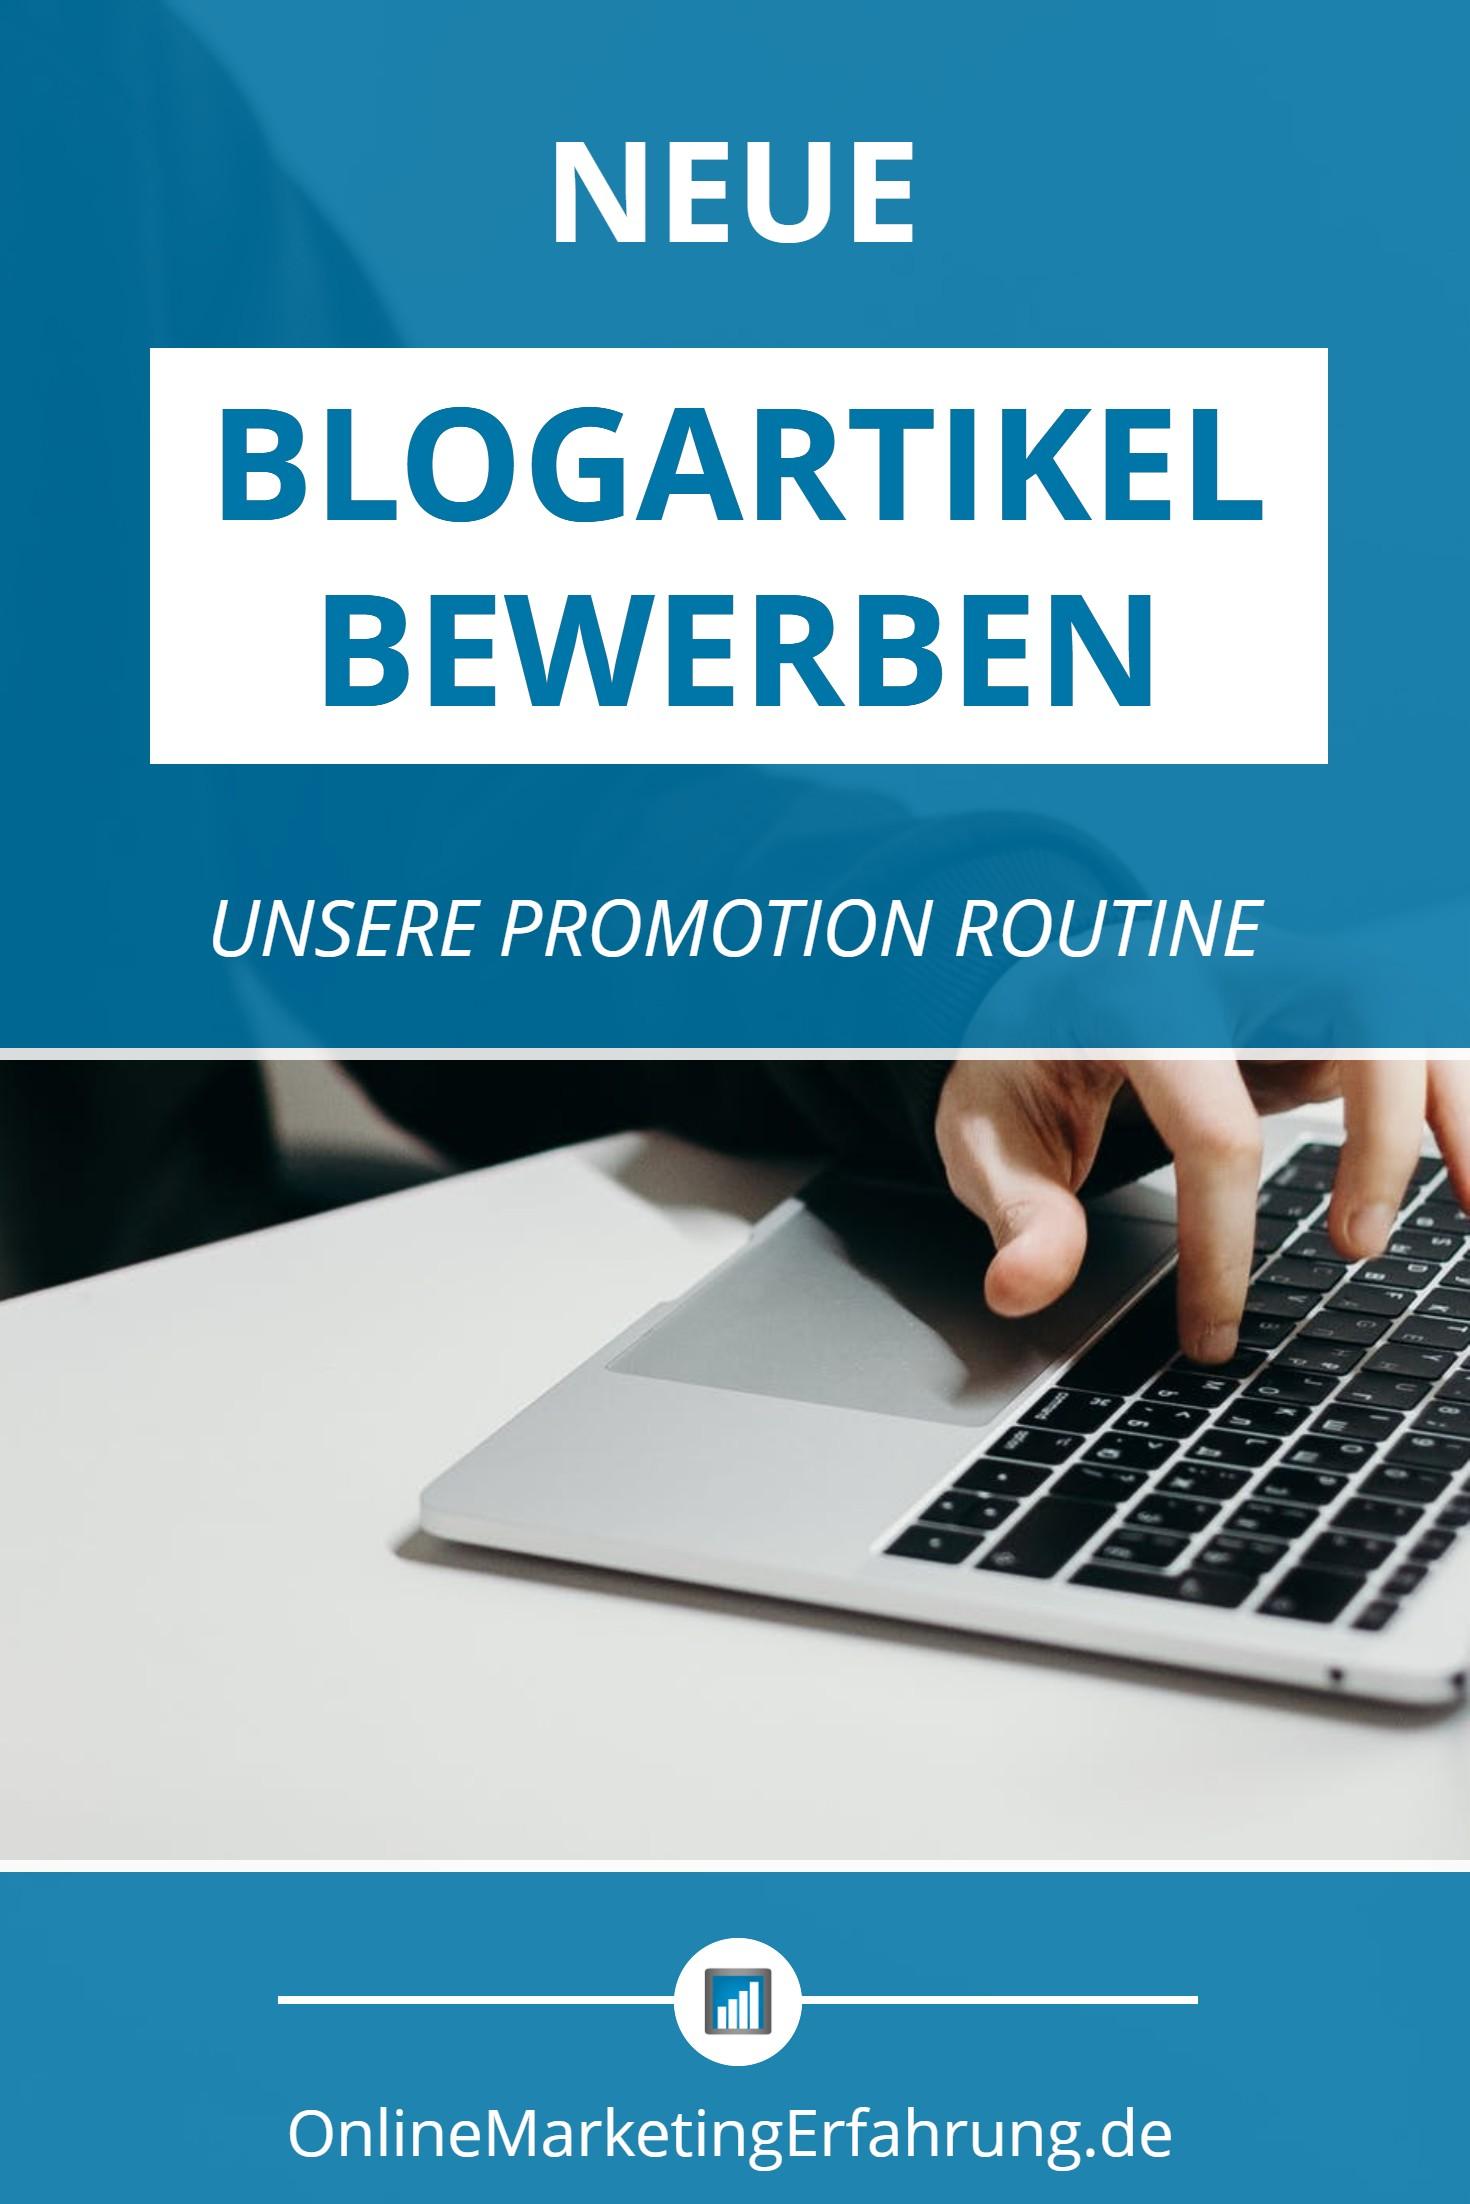 wie wir neue blogartikel bewerben